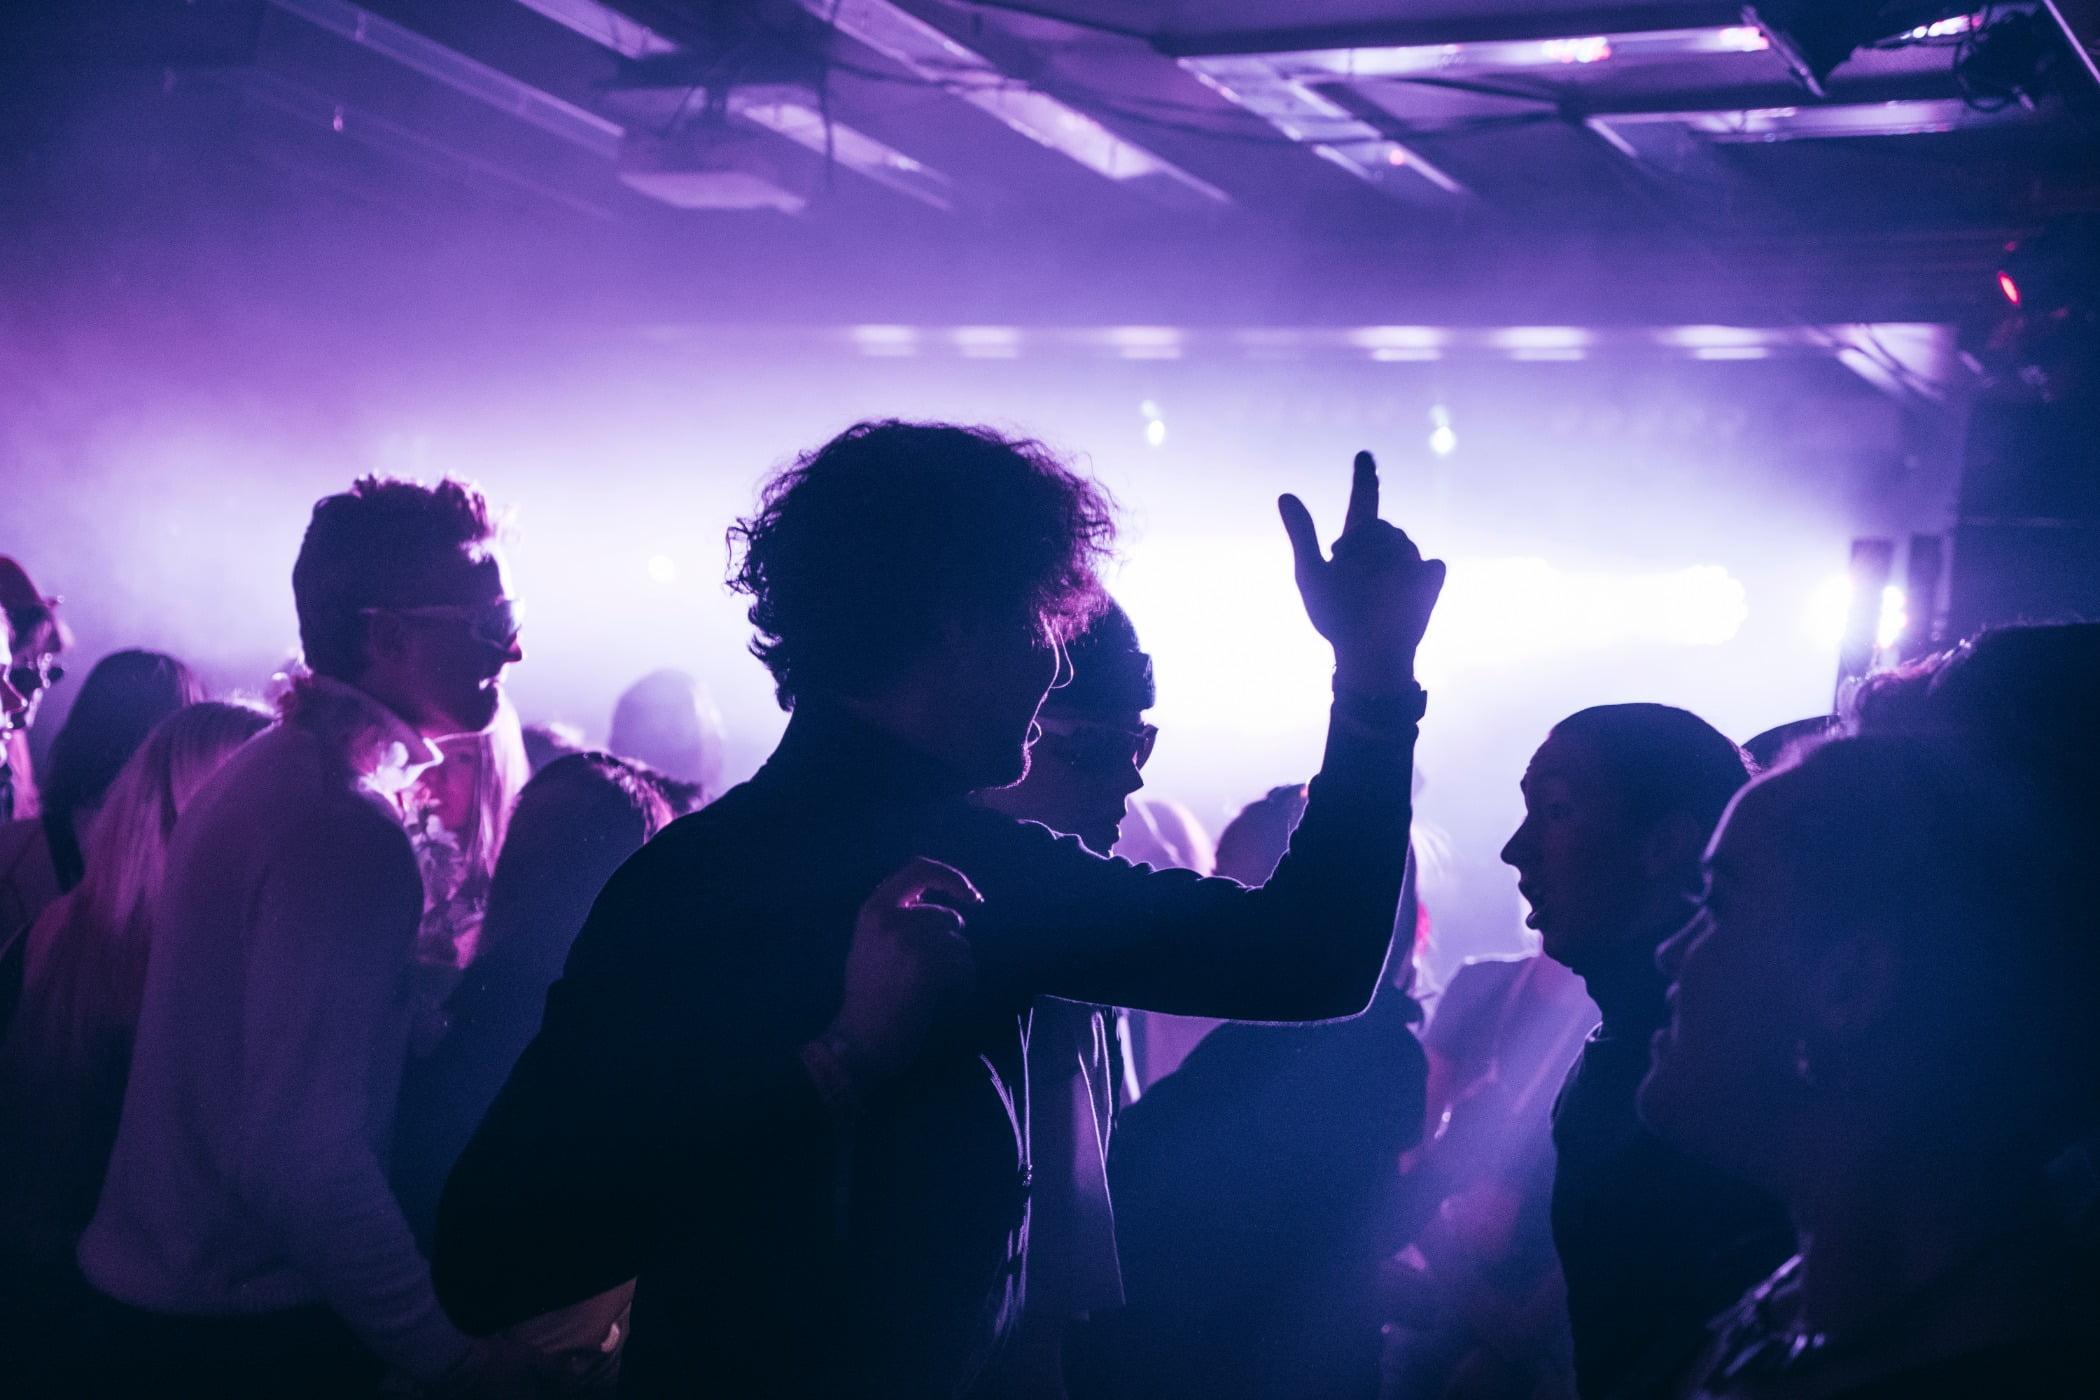 Music venue, Party, Crowd, Magenta, Violet, Purple, Event, Entertainment, Finger